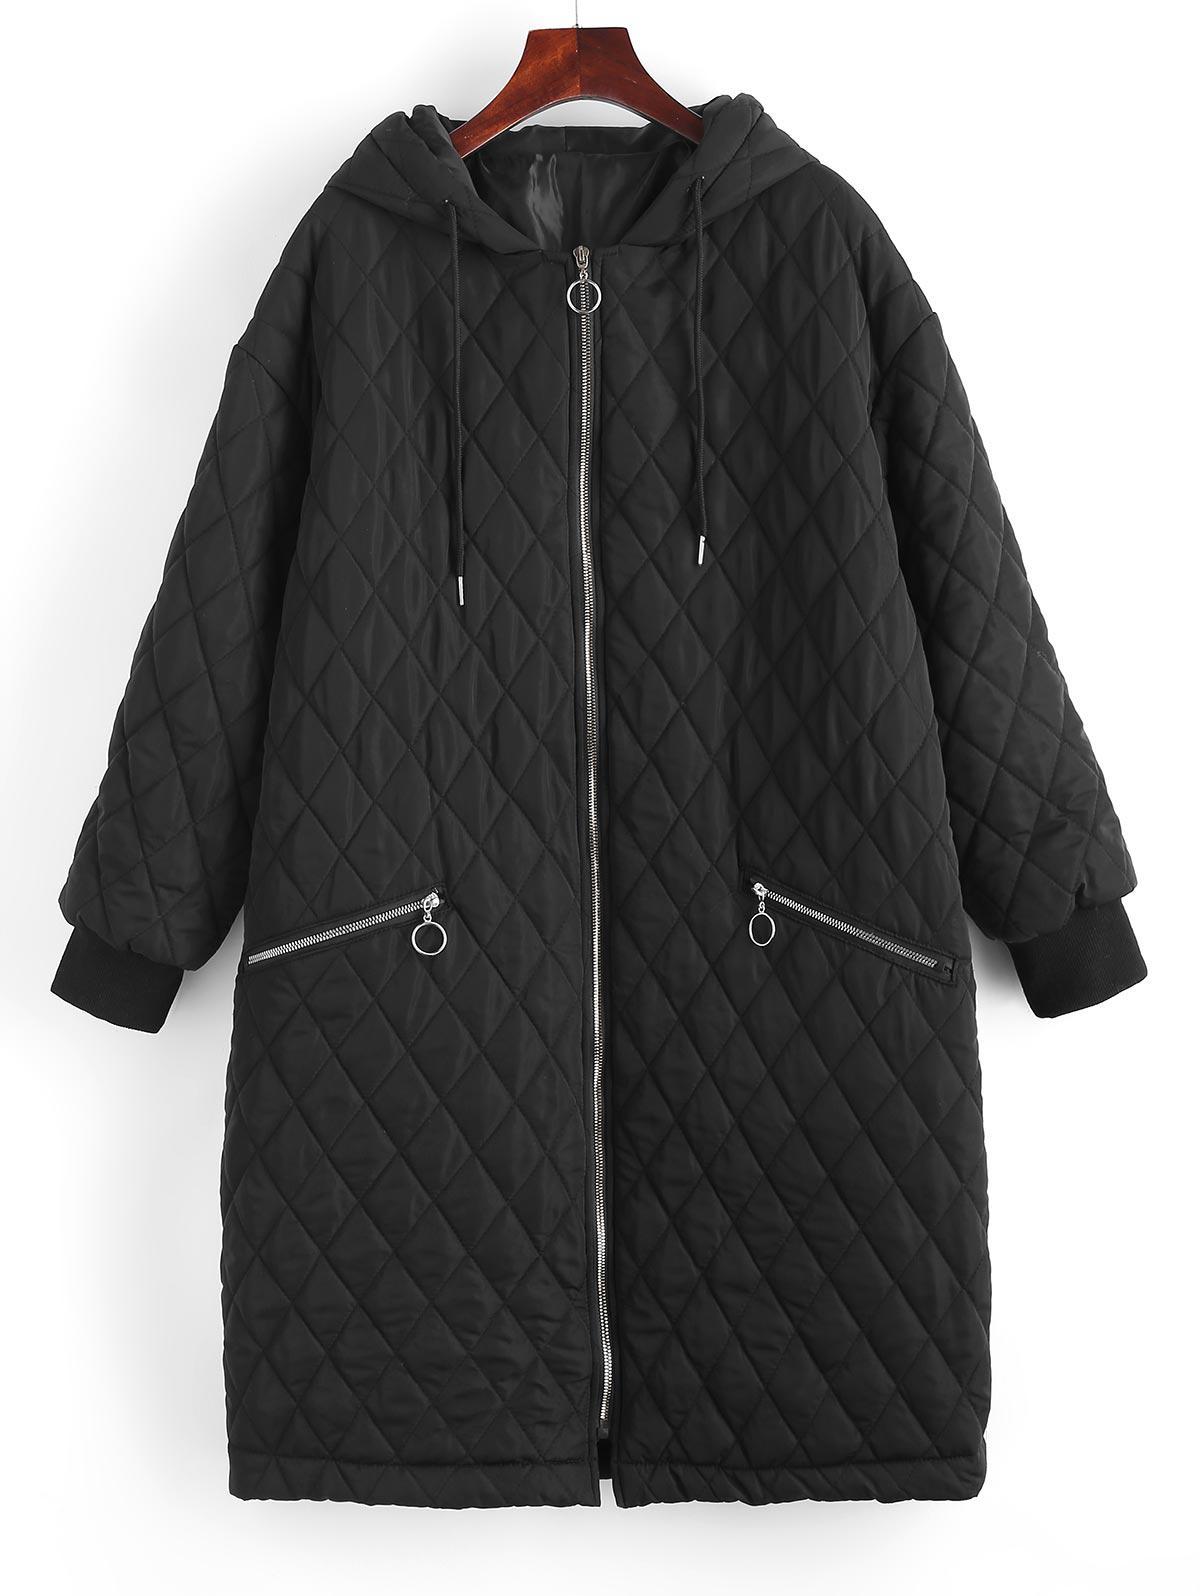 Manteau à Capuche Matelassé Long Zippé avec Poches - ZAFUL - Modalova